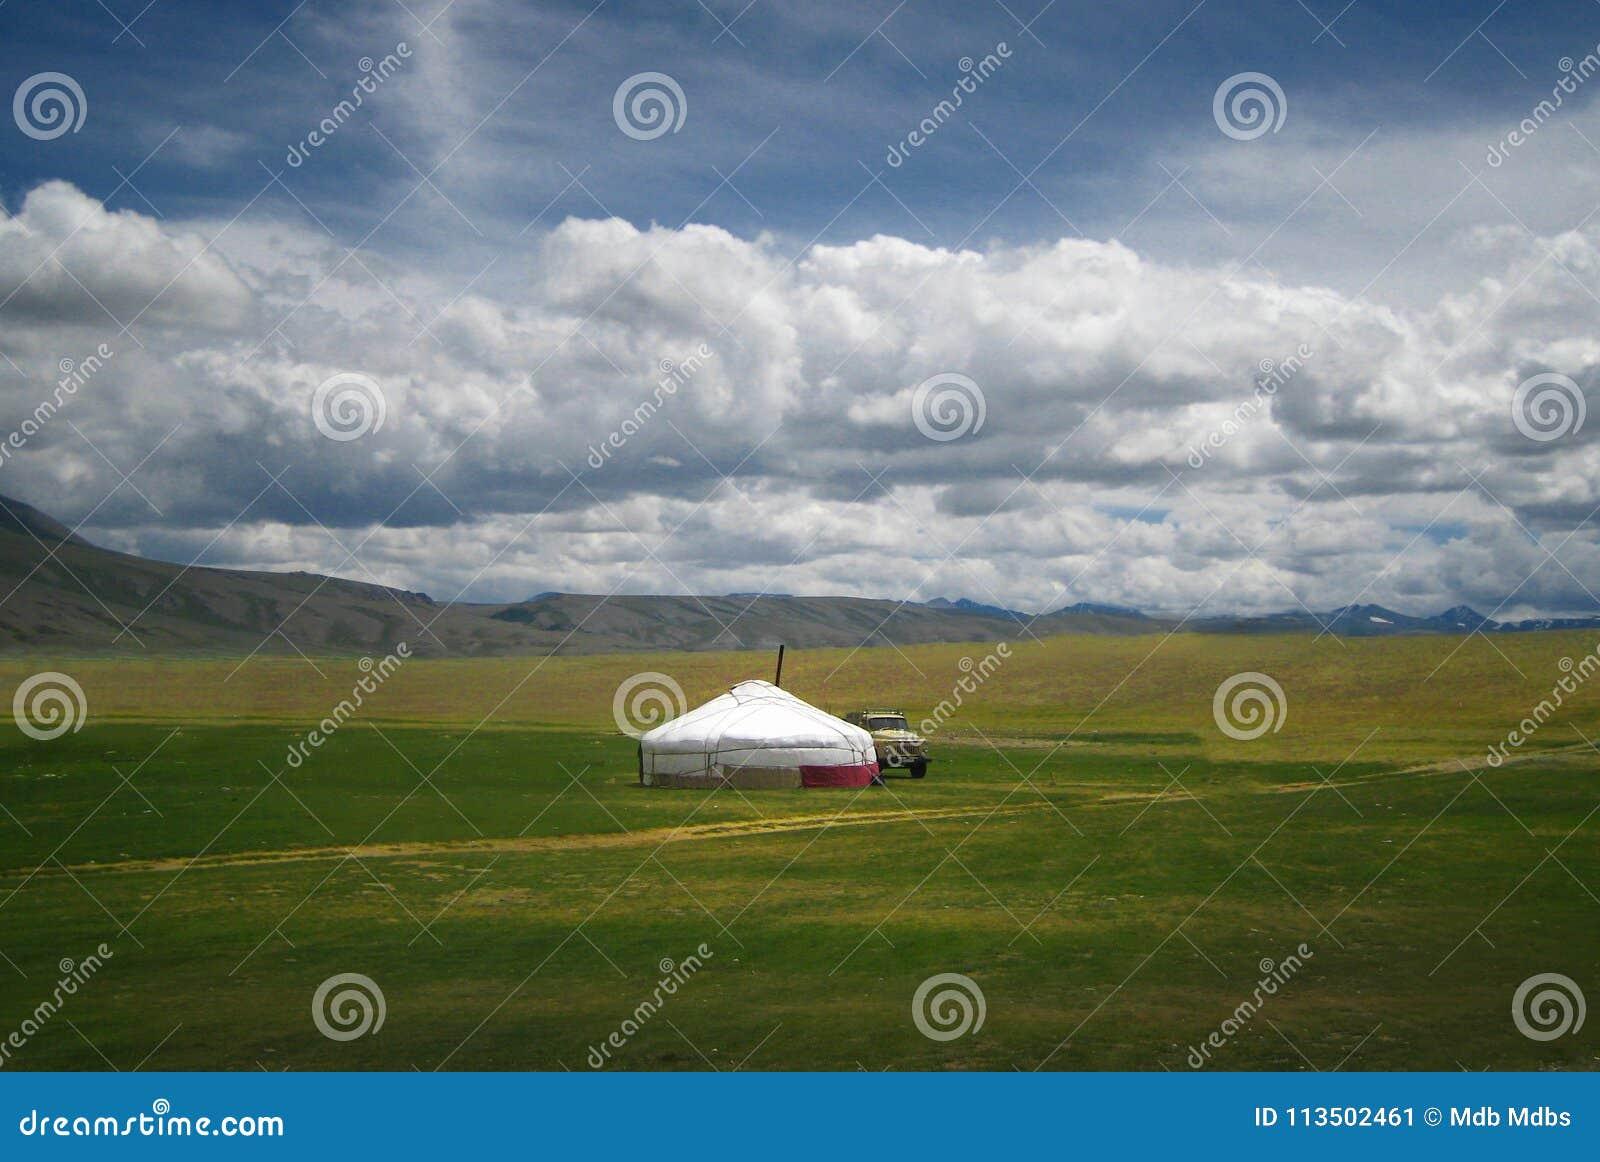 蒙古yurt,称ger,西北Mongoli风景的